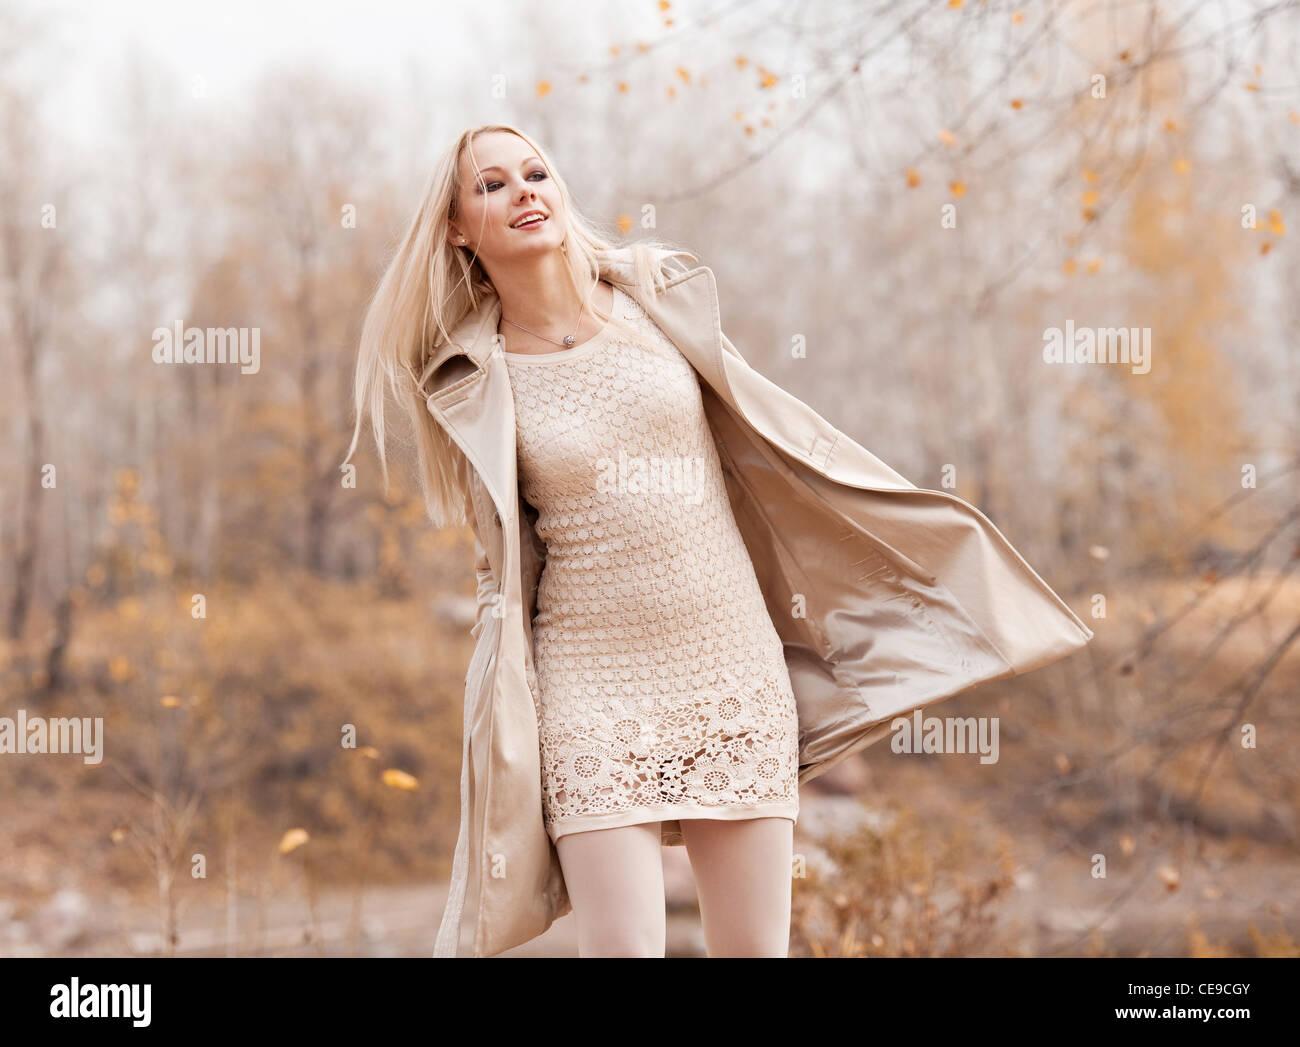 schöne junge blonde Frau, die Zeit im Herbst park Stockbild